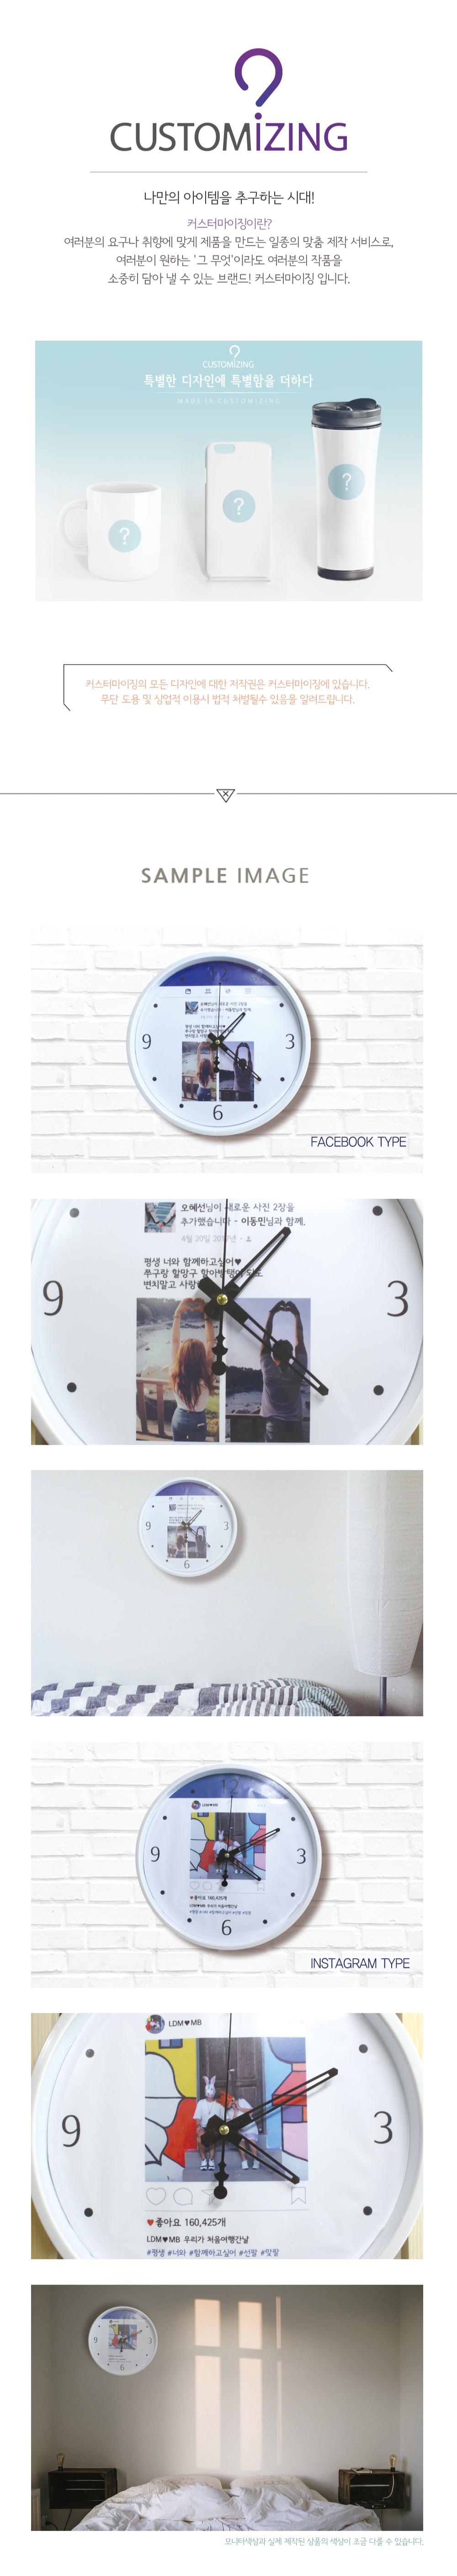 포토이니셜 인스타그램 페이스북 DIY 벽시계 - 패턴아트, 15,000원, 벽시계, DIY벽시계